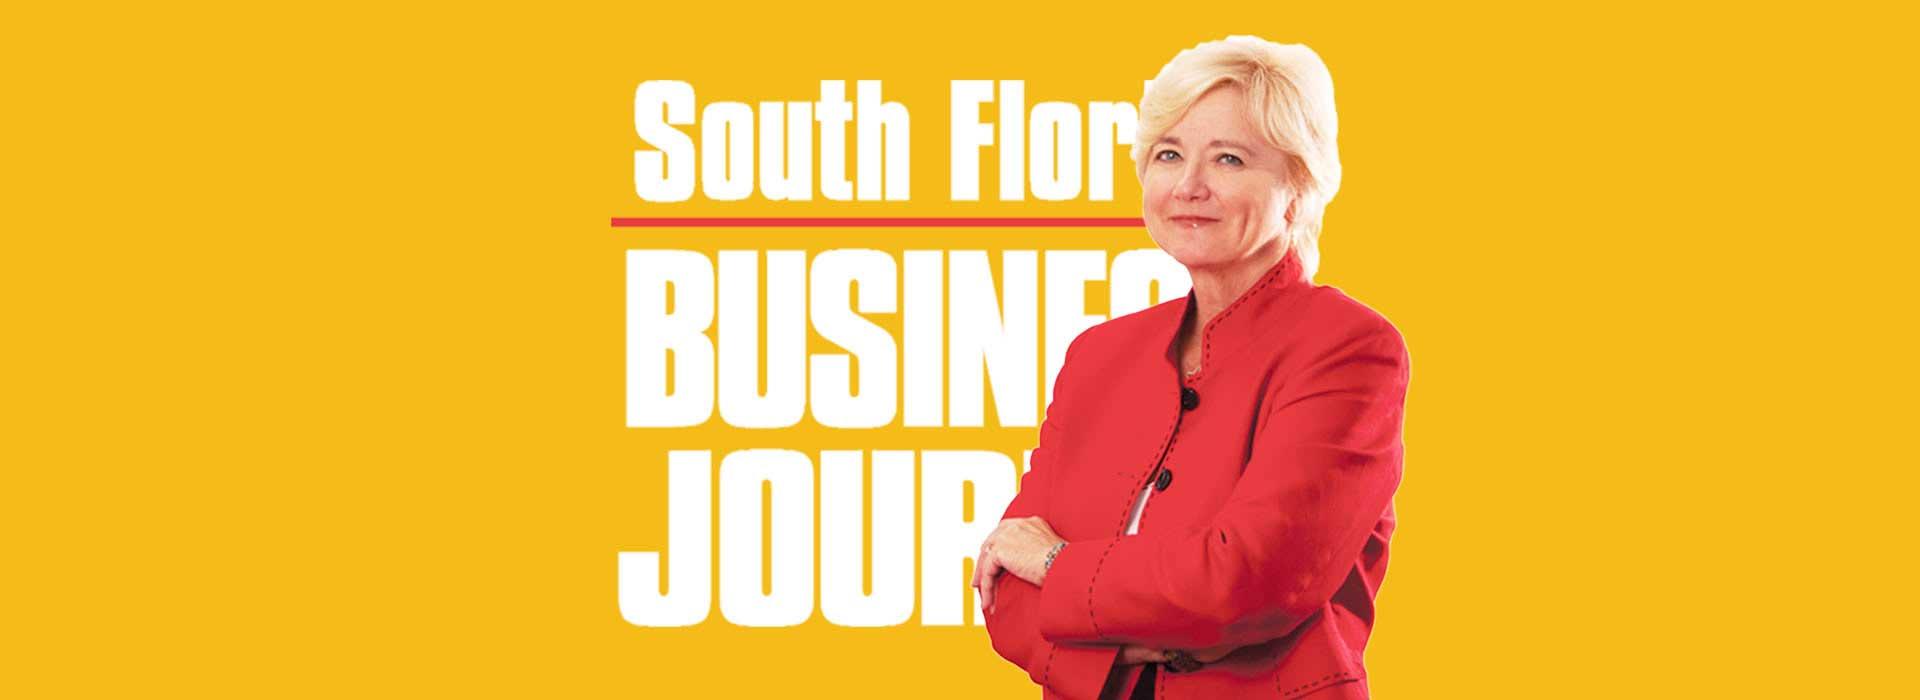 Peggy Nordeen, South Florida Business Journal